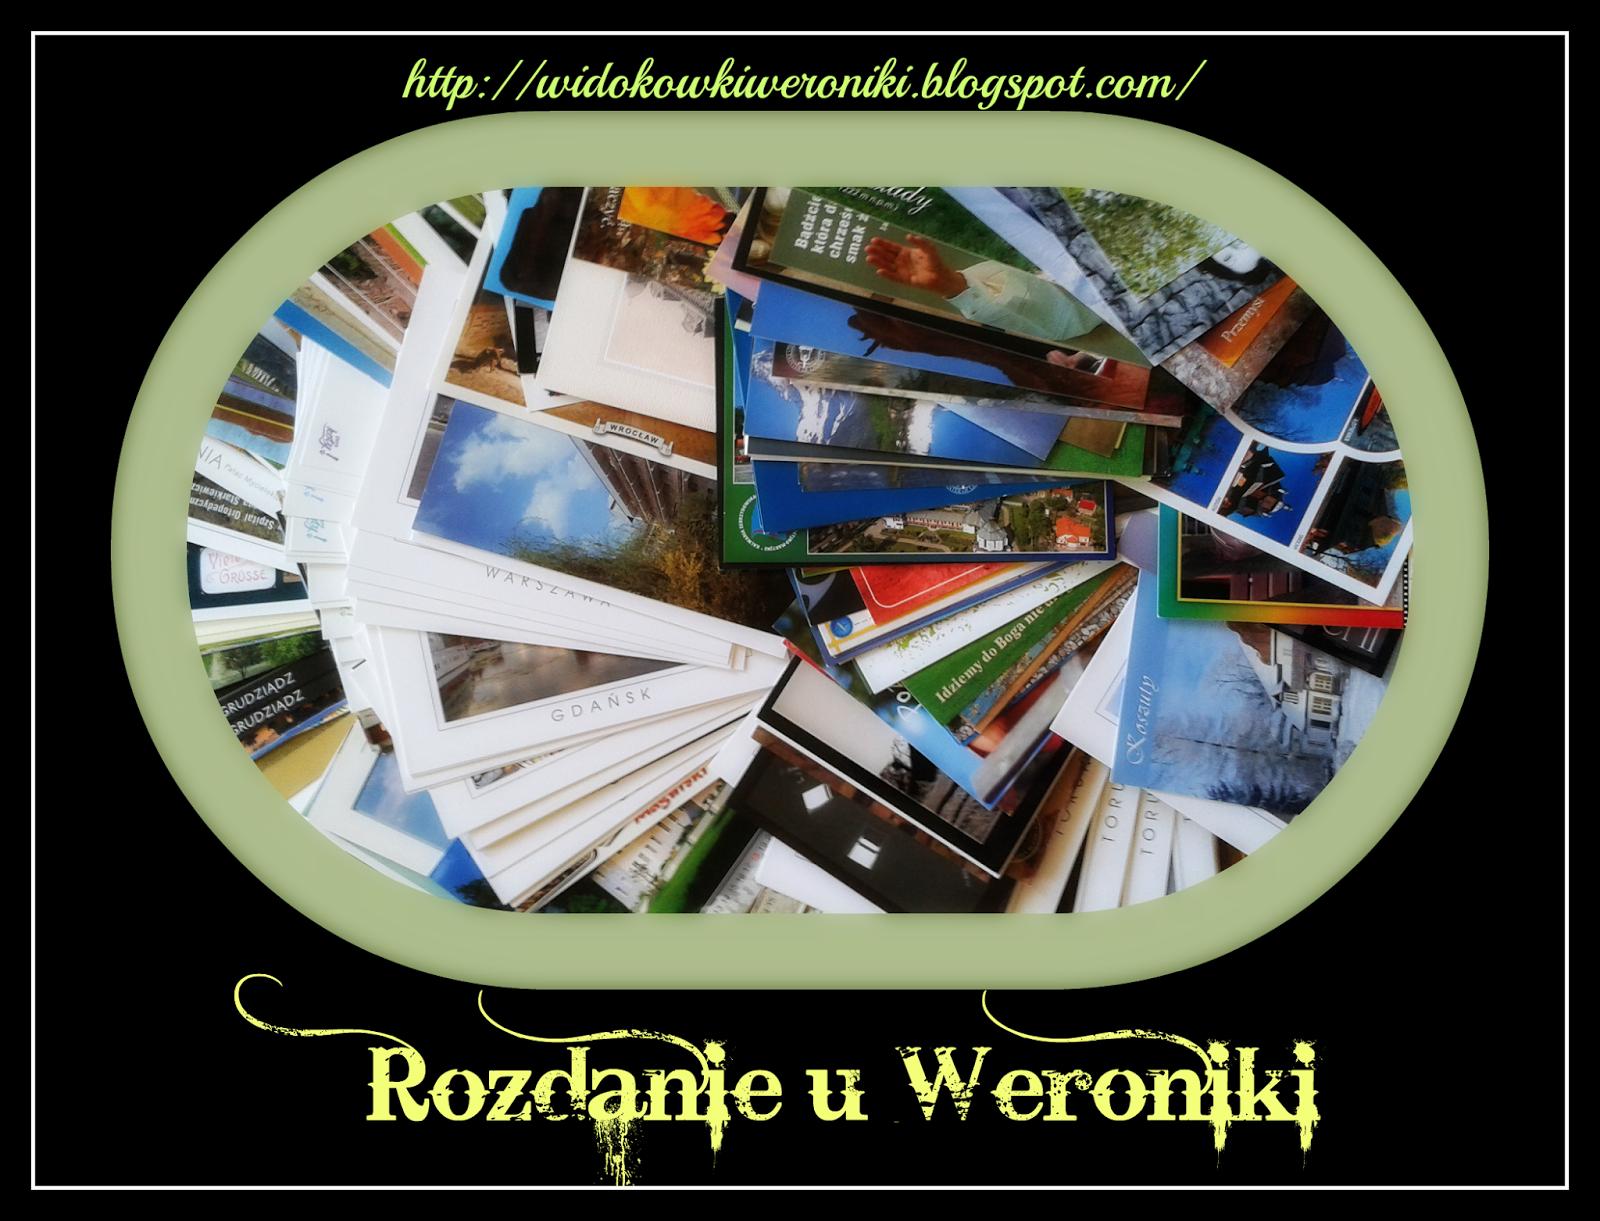 Rozdanie u Weroniki